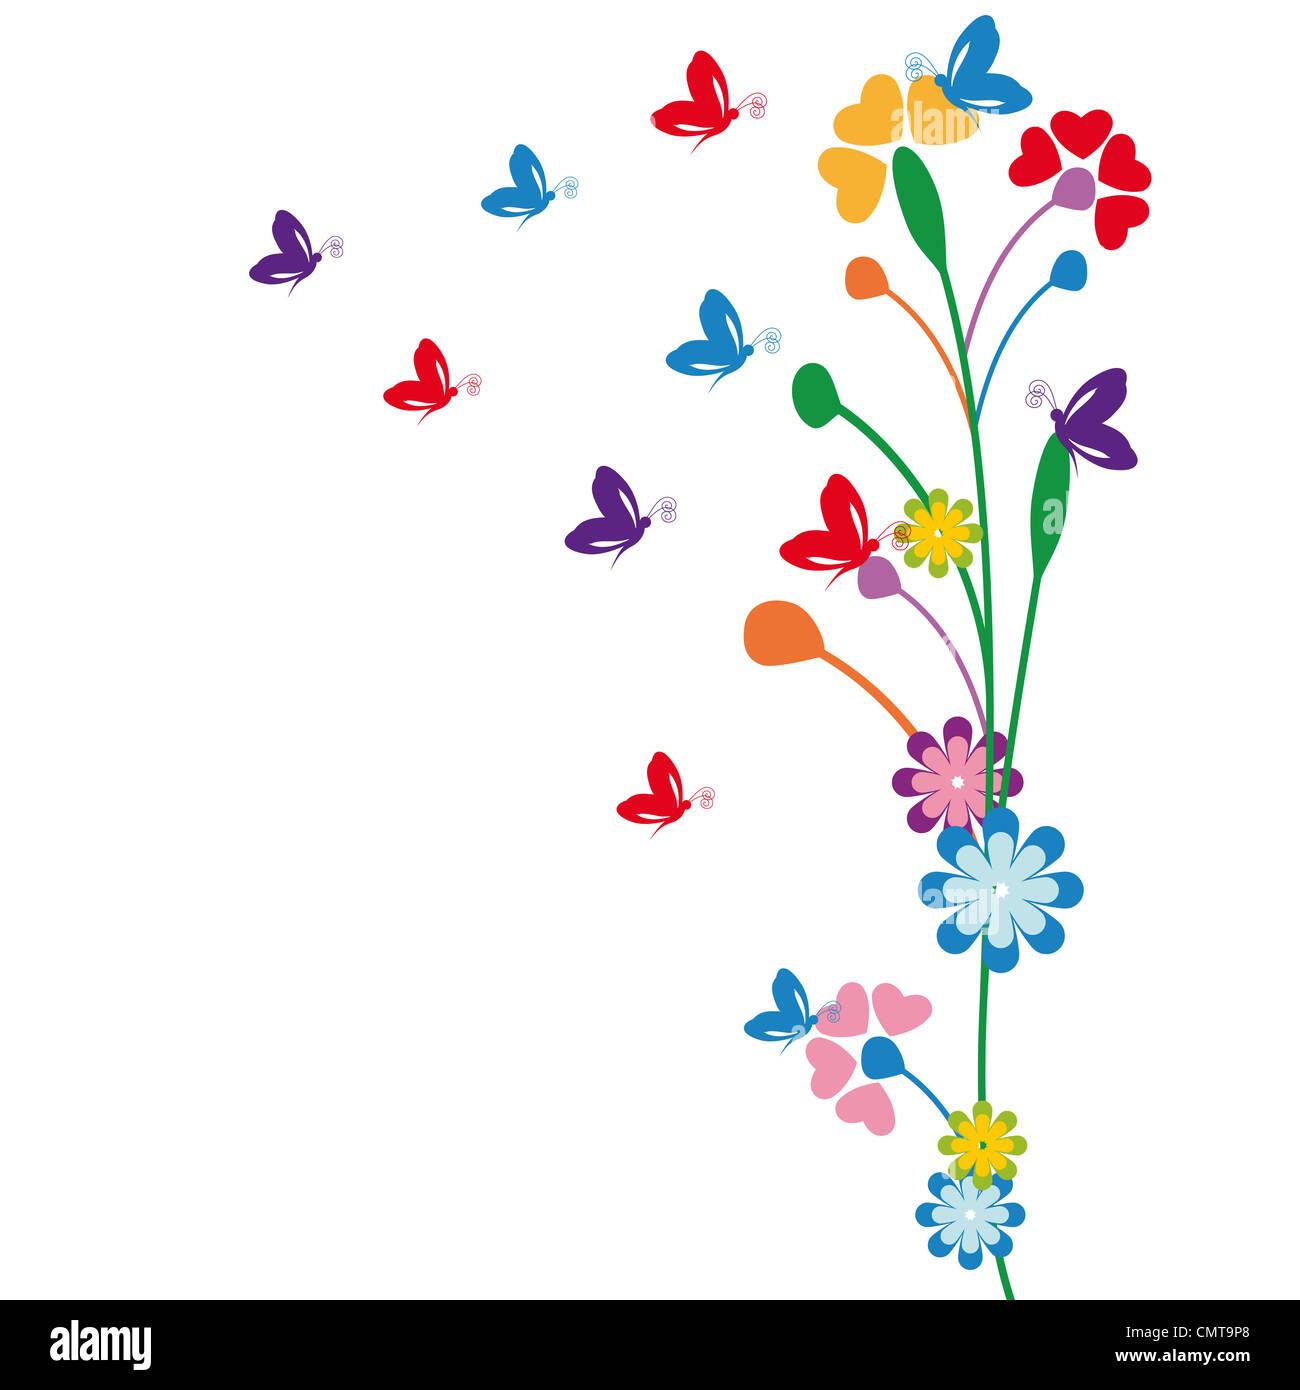 Cute Dibujos Animados Para Niños Con Flores Y Mariposas Foto